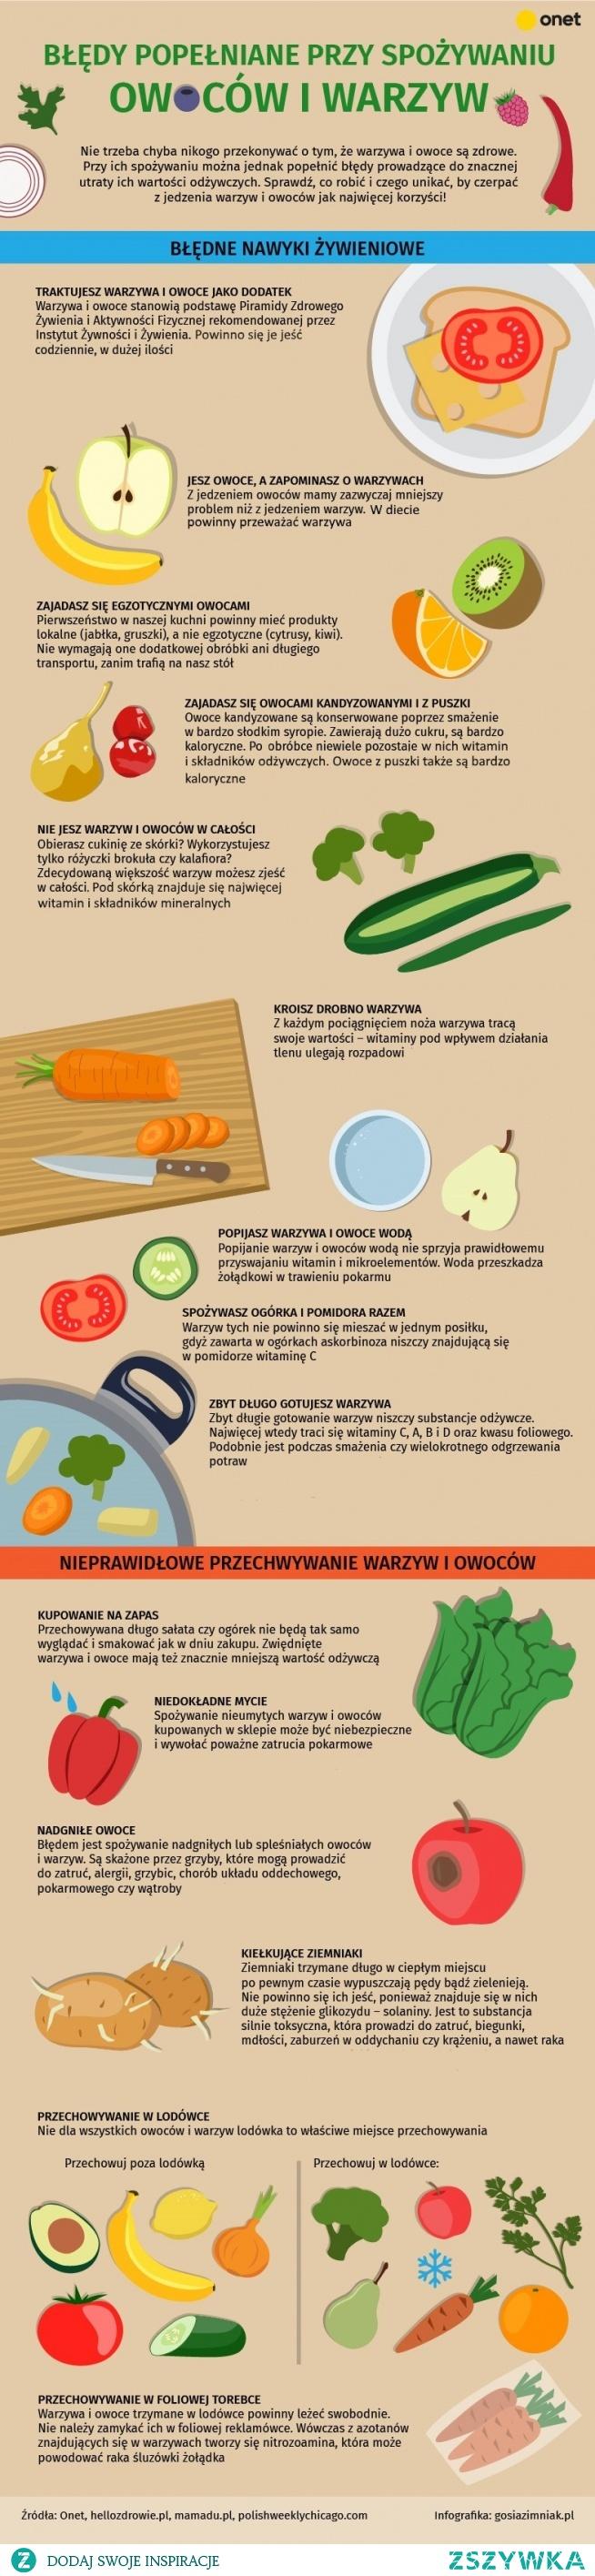 Tak codziennie zabijasz witaminy w warzywach i owocach. Najczęstsze błędy [INFOGRAFIKA]